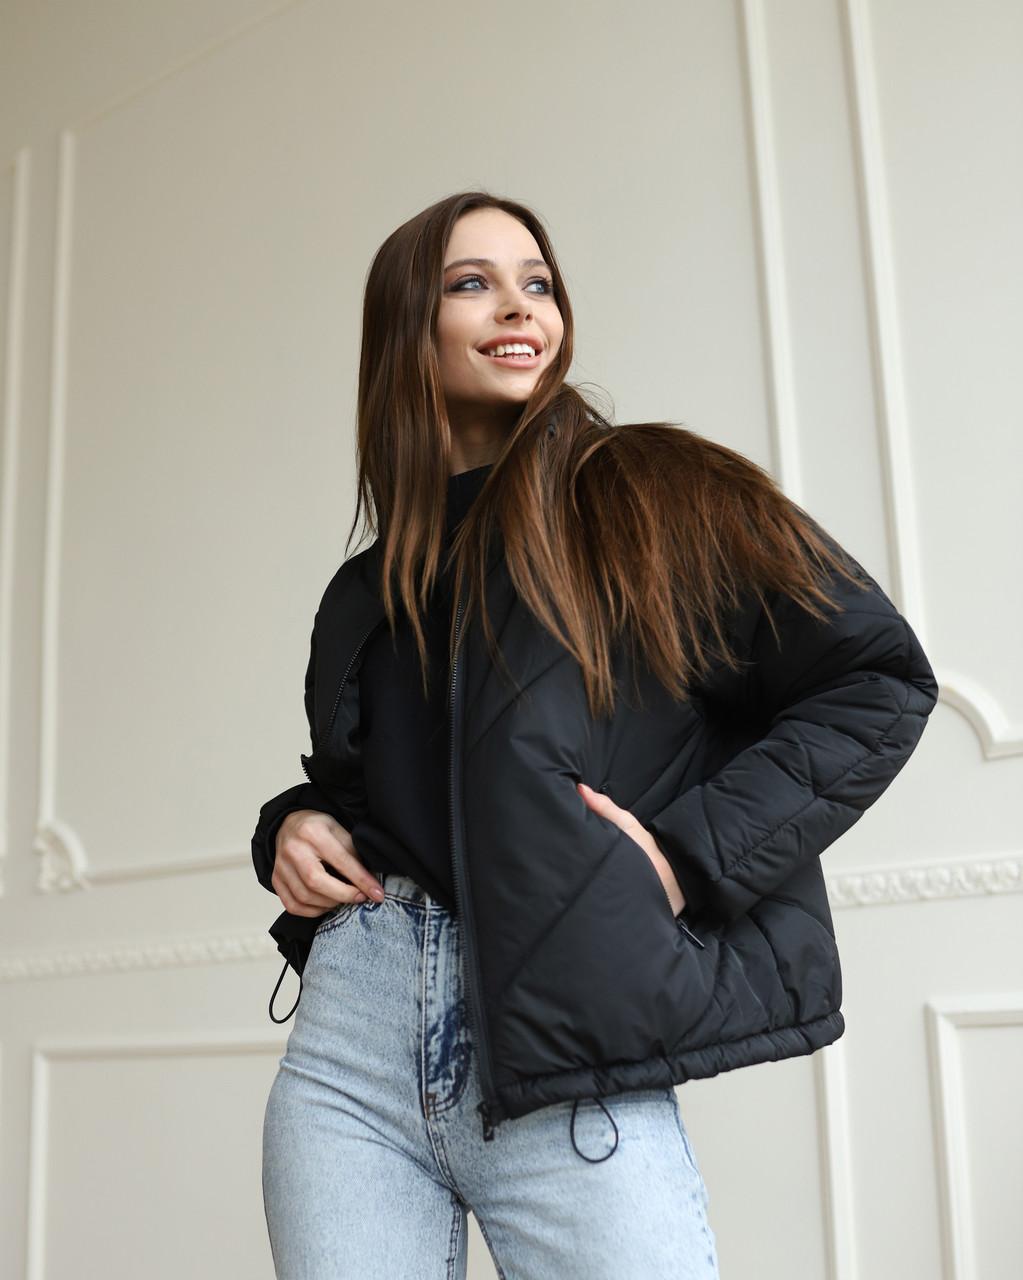 Куртка женская оверсайз черная от бренда ТУР модель Кейт, размеры: S, M